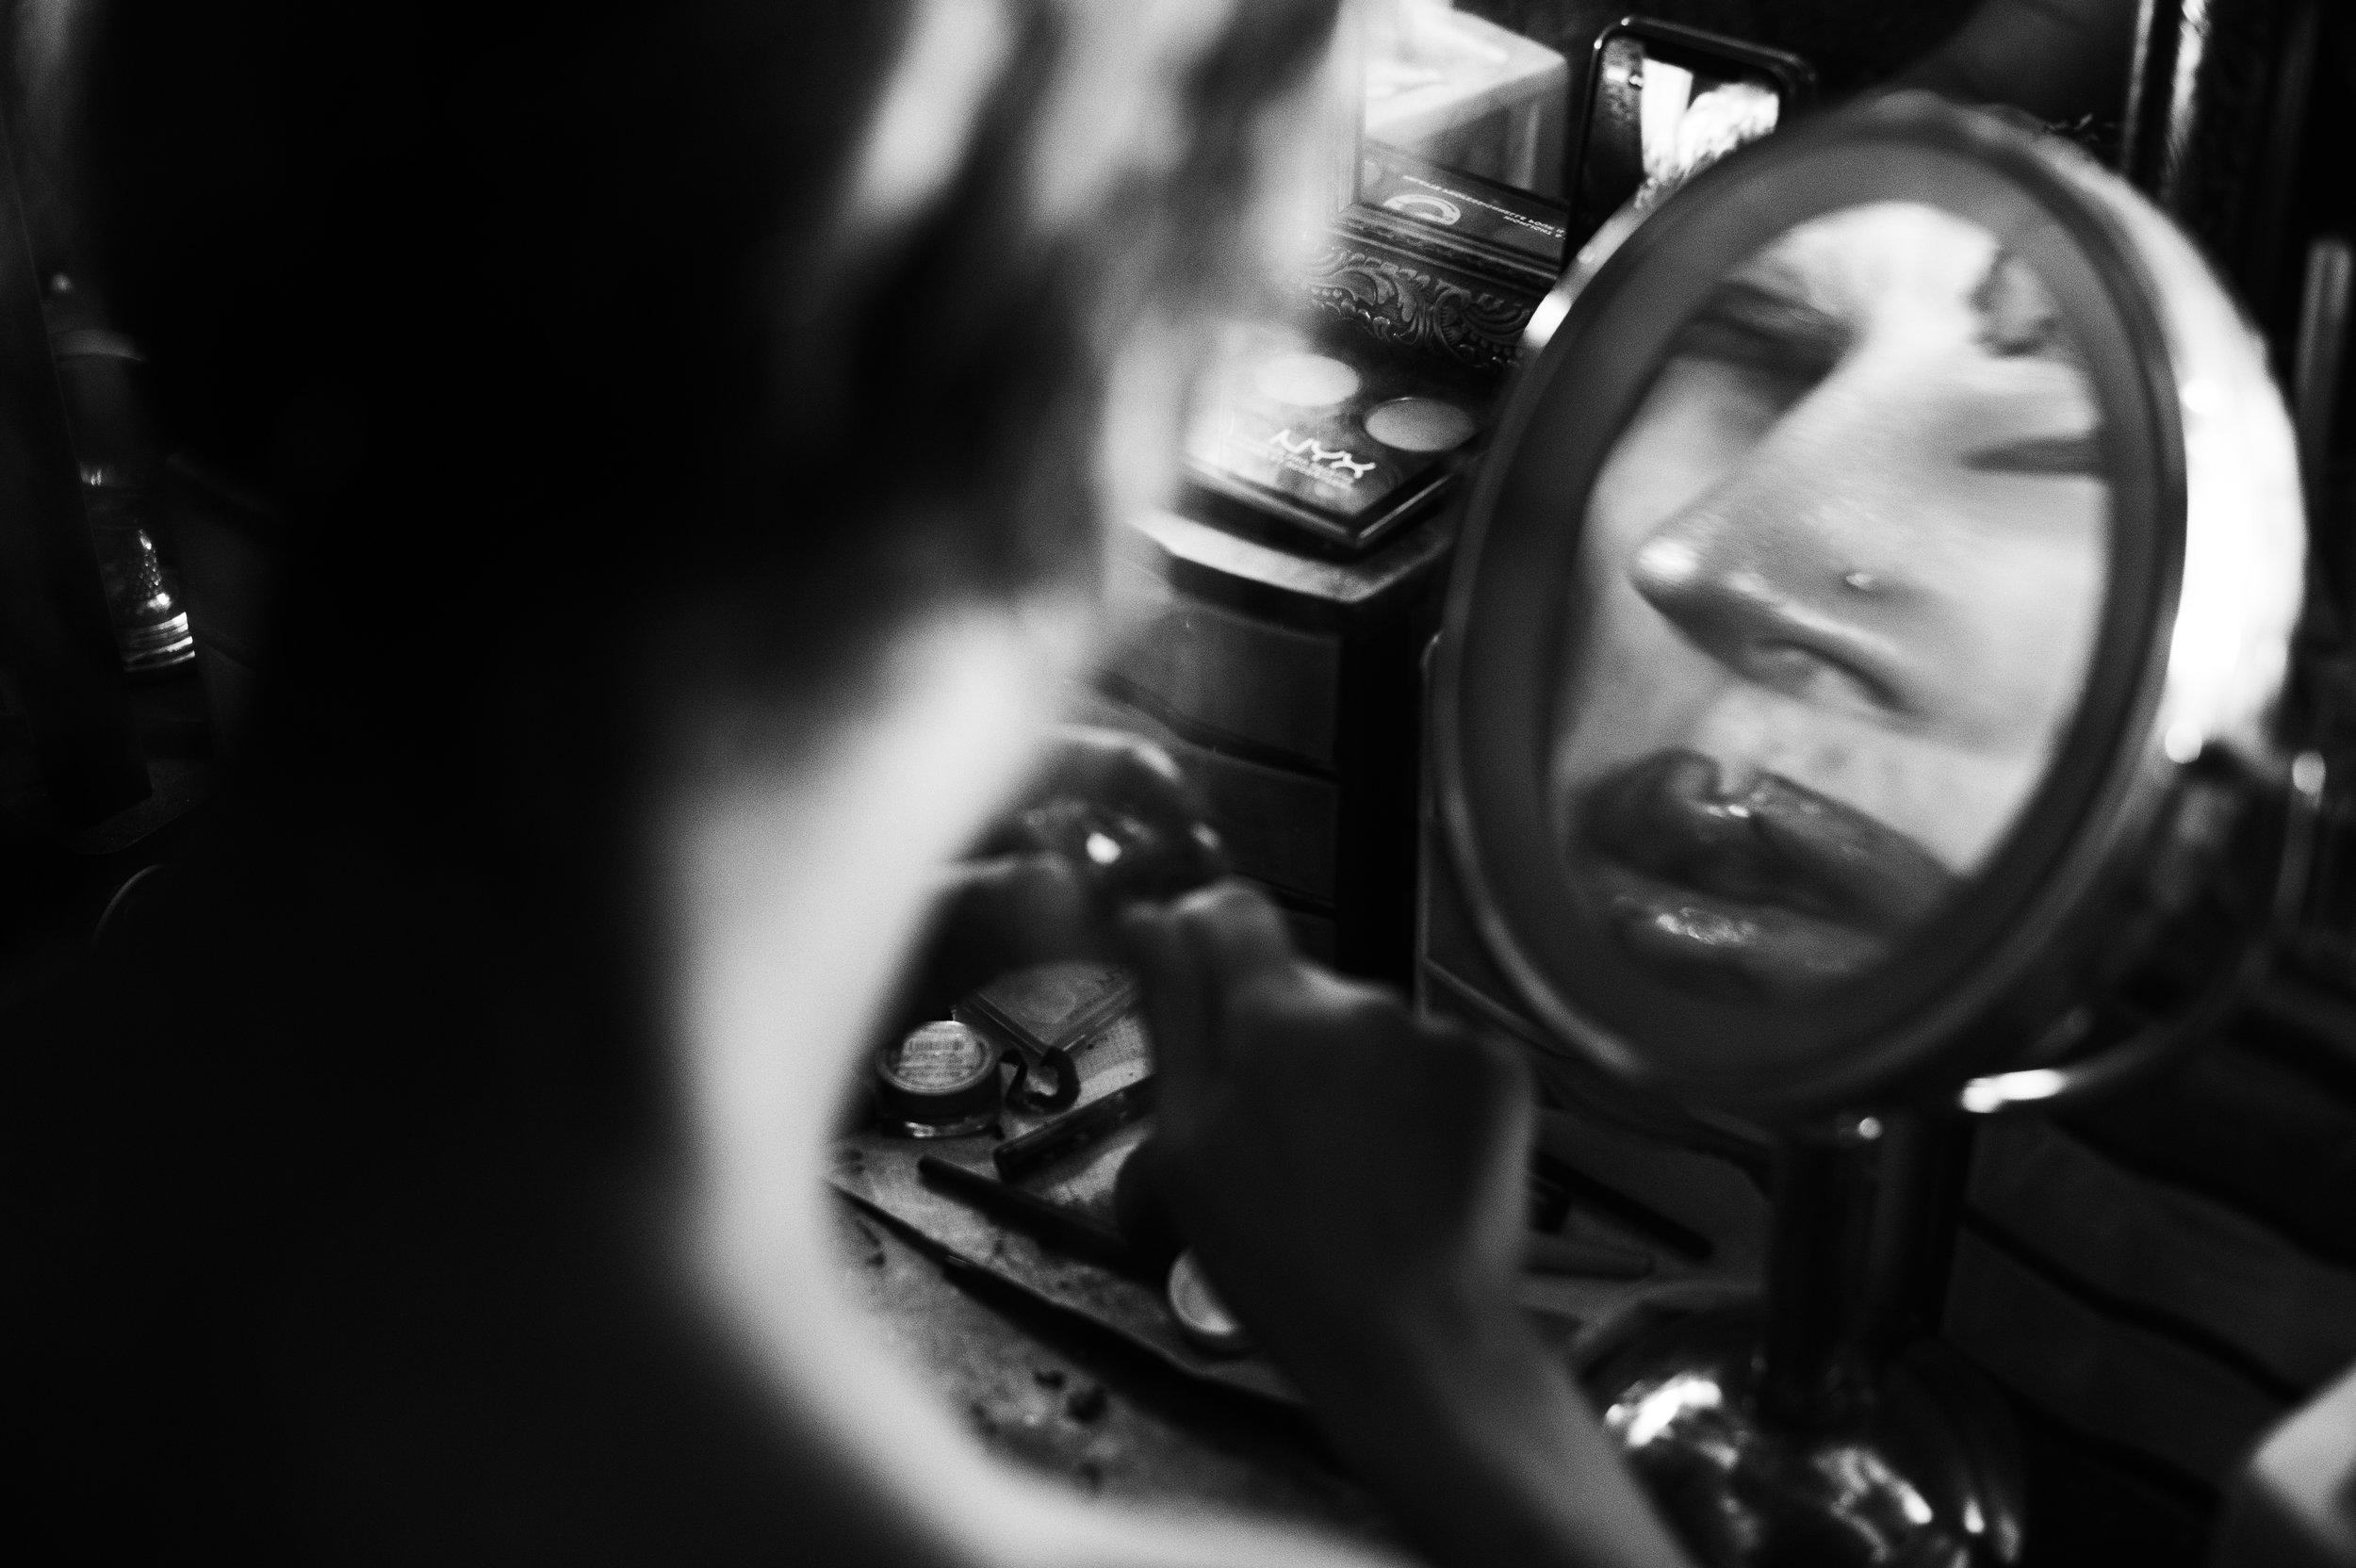 Drag queen reflection, Hanover Township, Pa.